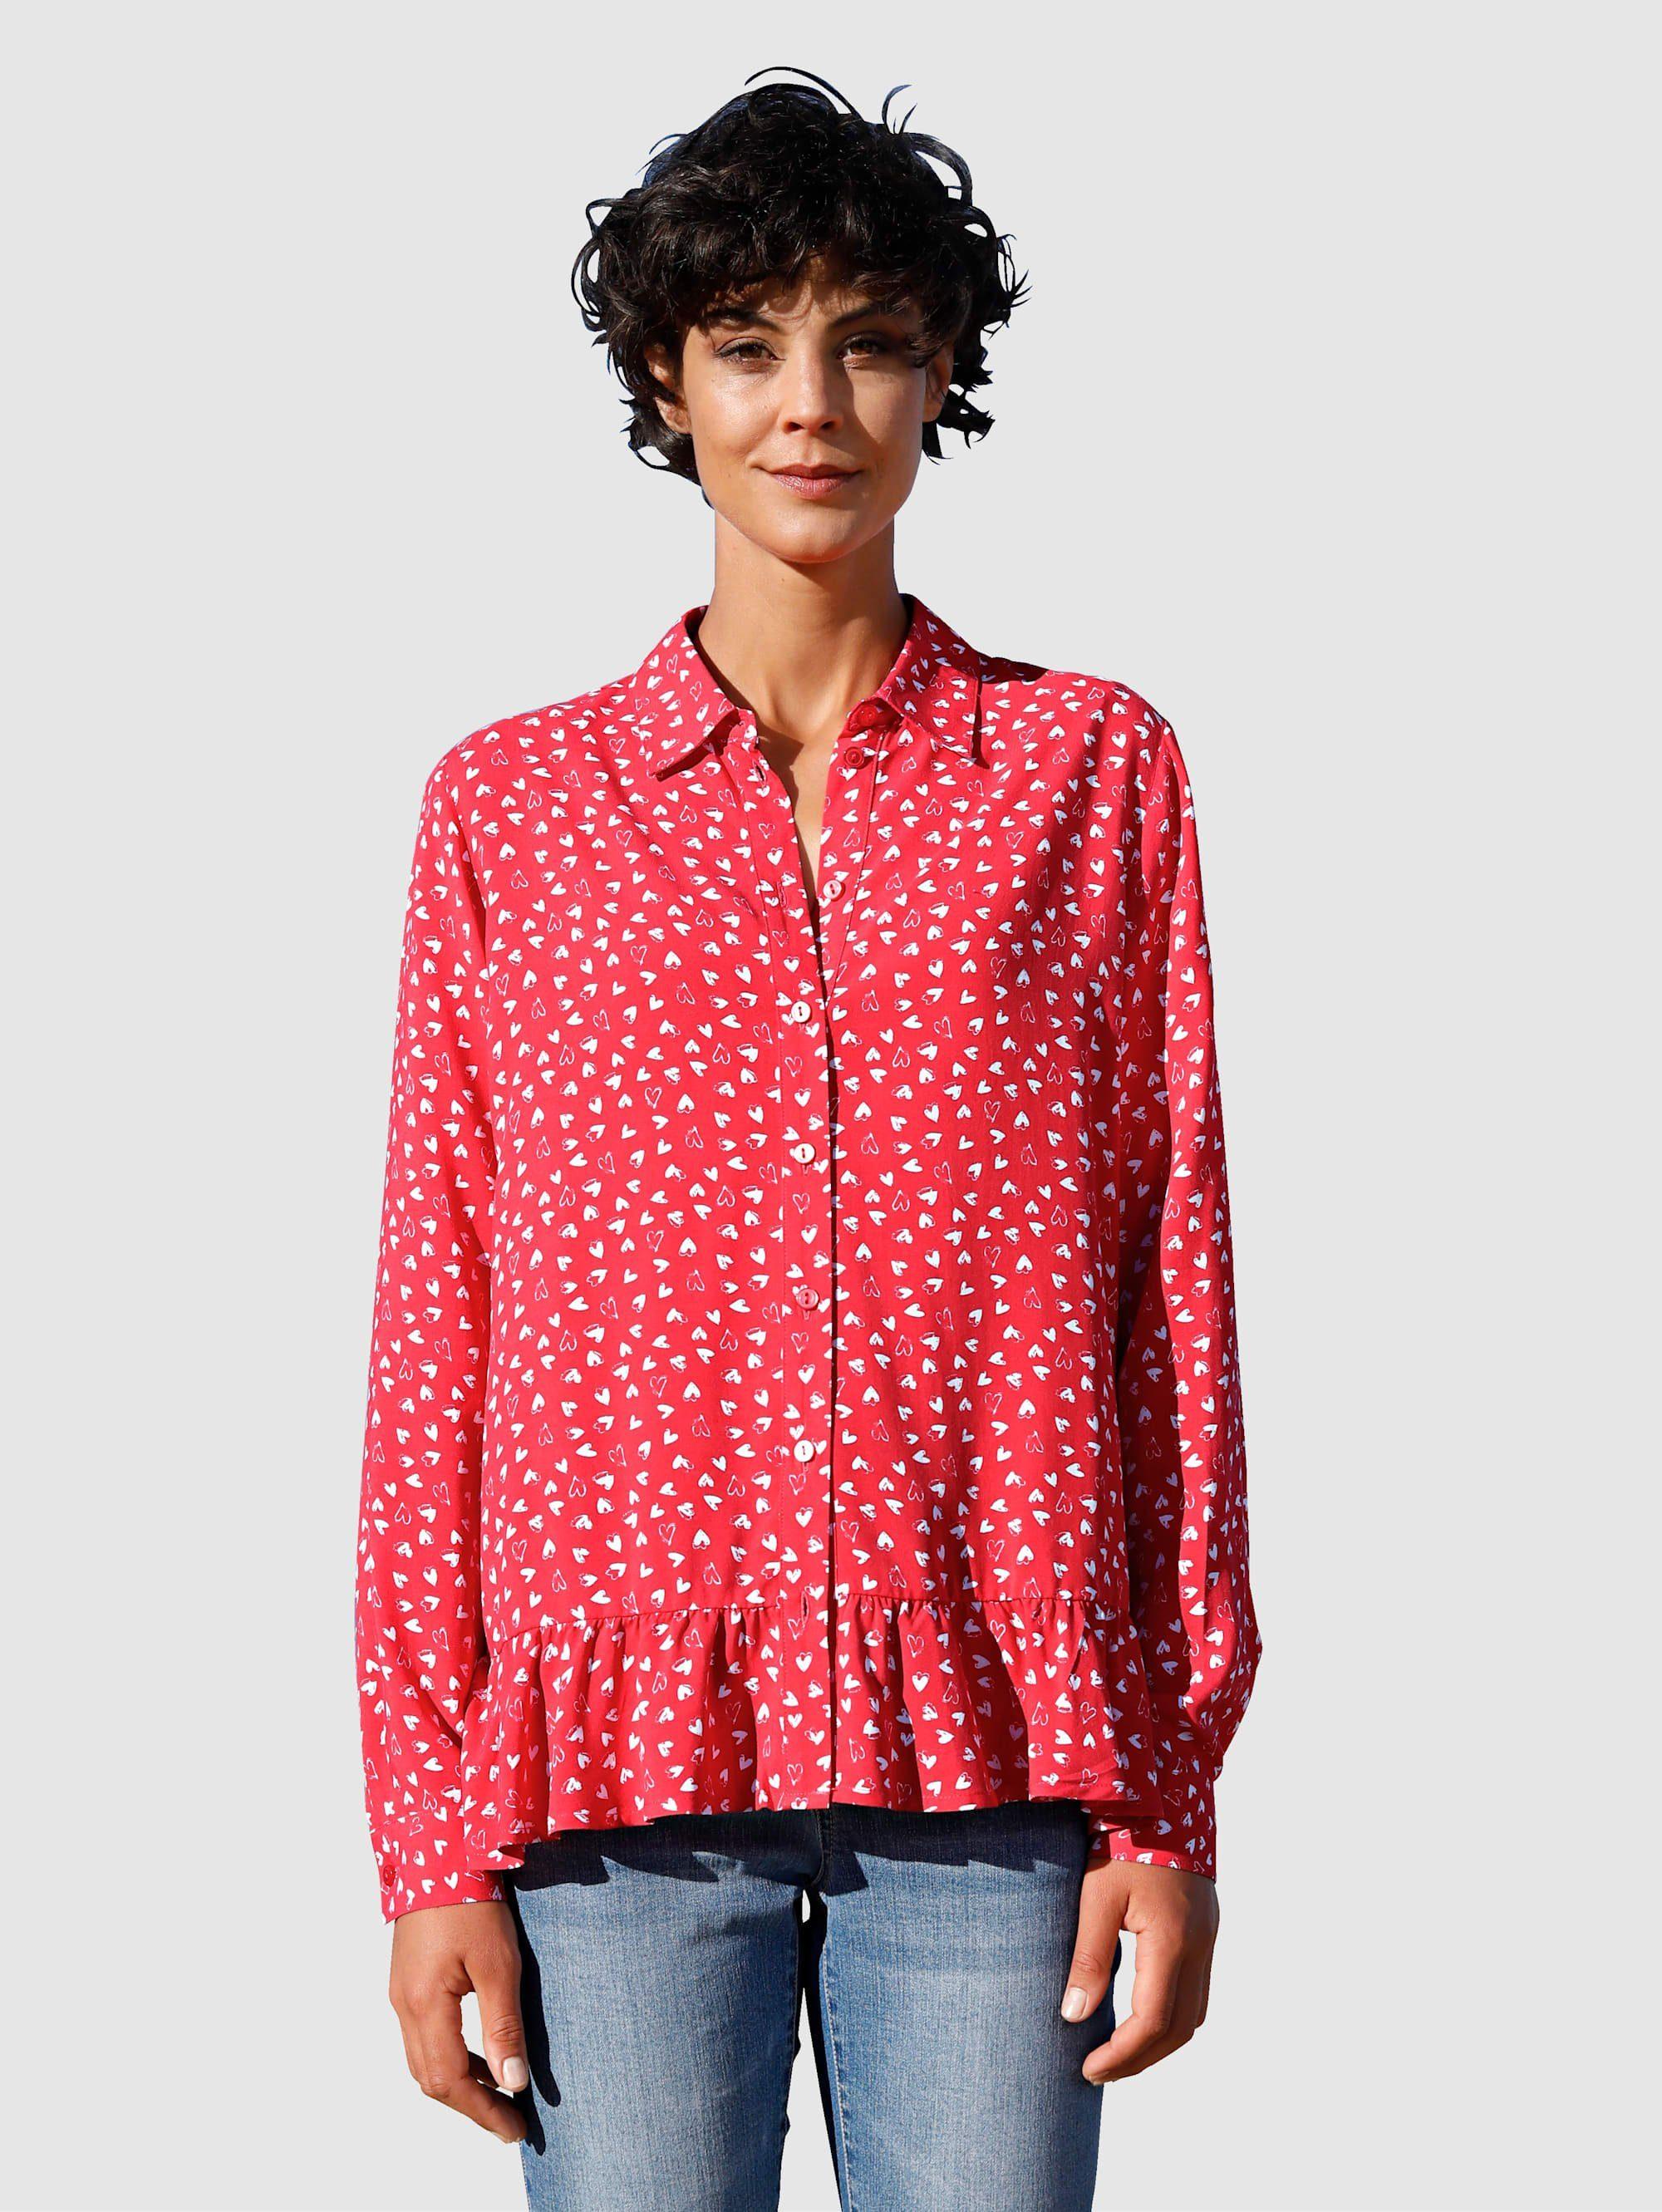 Laisvalaikio palaidinės-marškiniai moterims